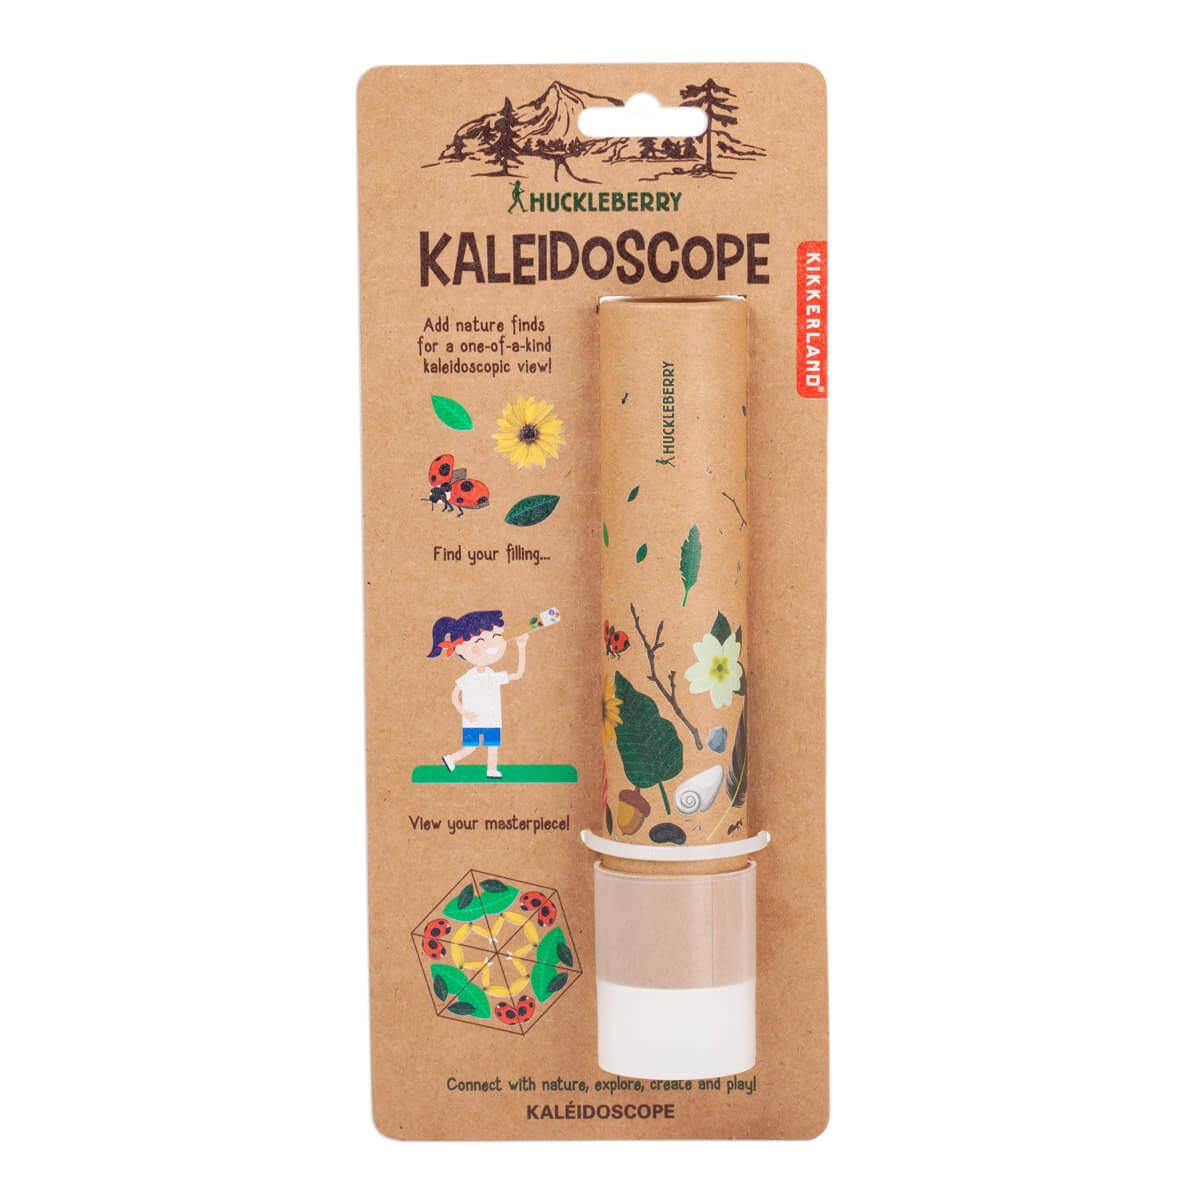 Huckleberry Explorer's Kaleidoscope